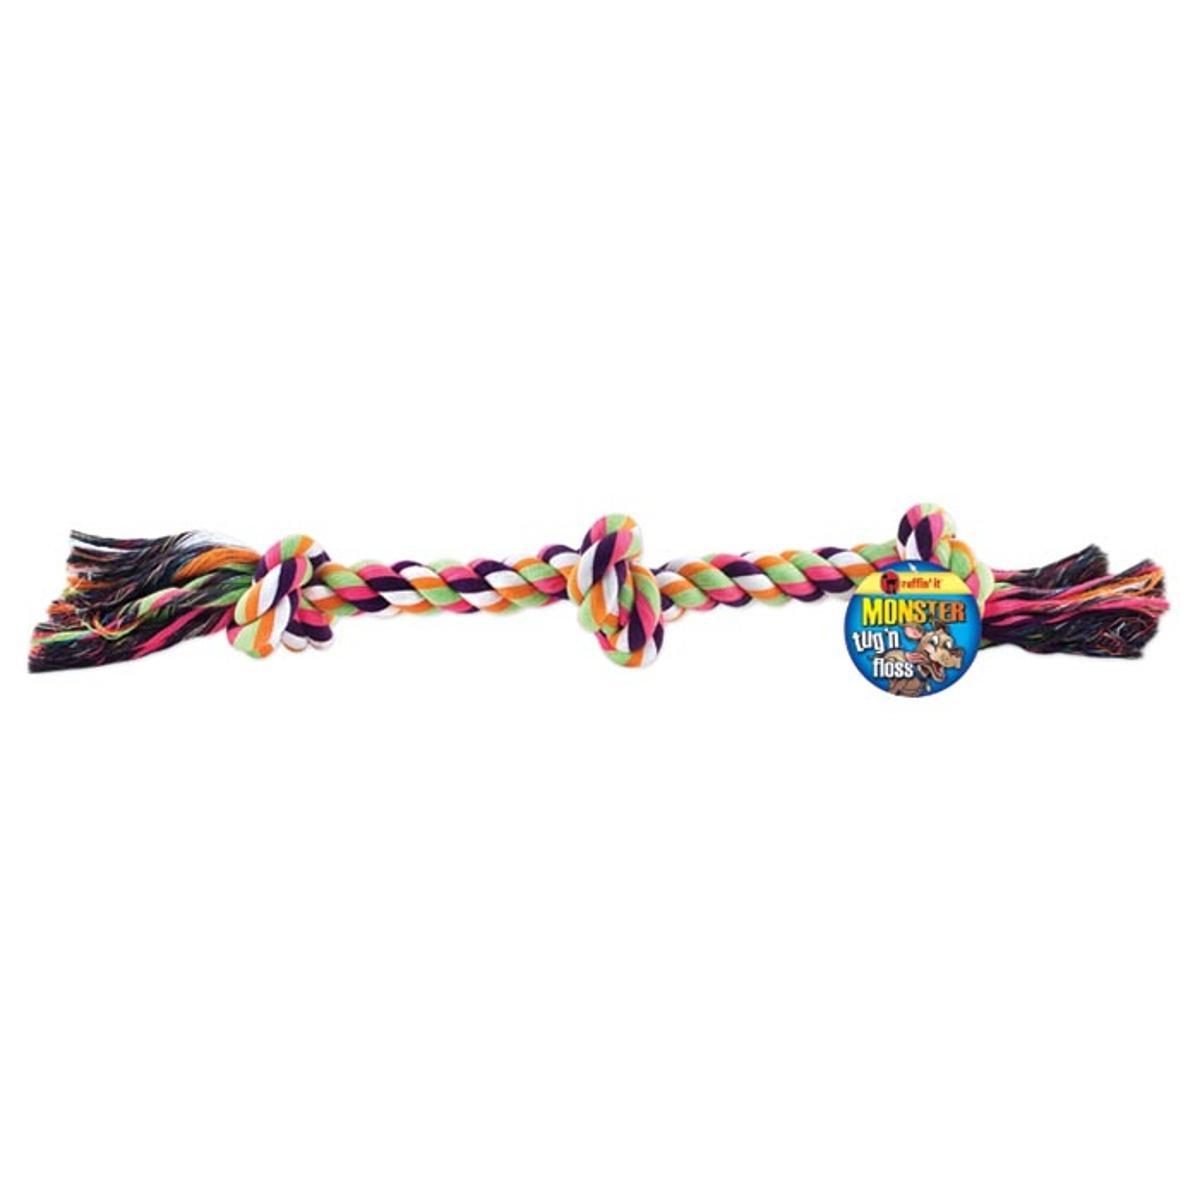 Monster Tug 'N Floss Rope 24  Outdoor